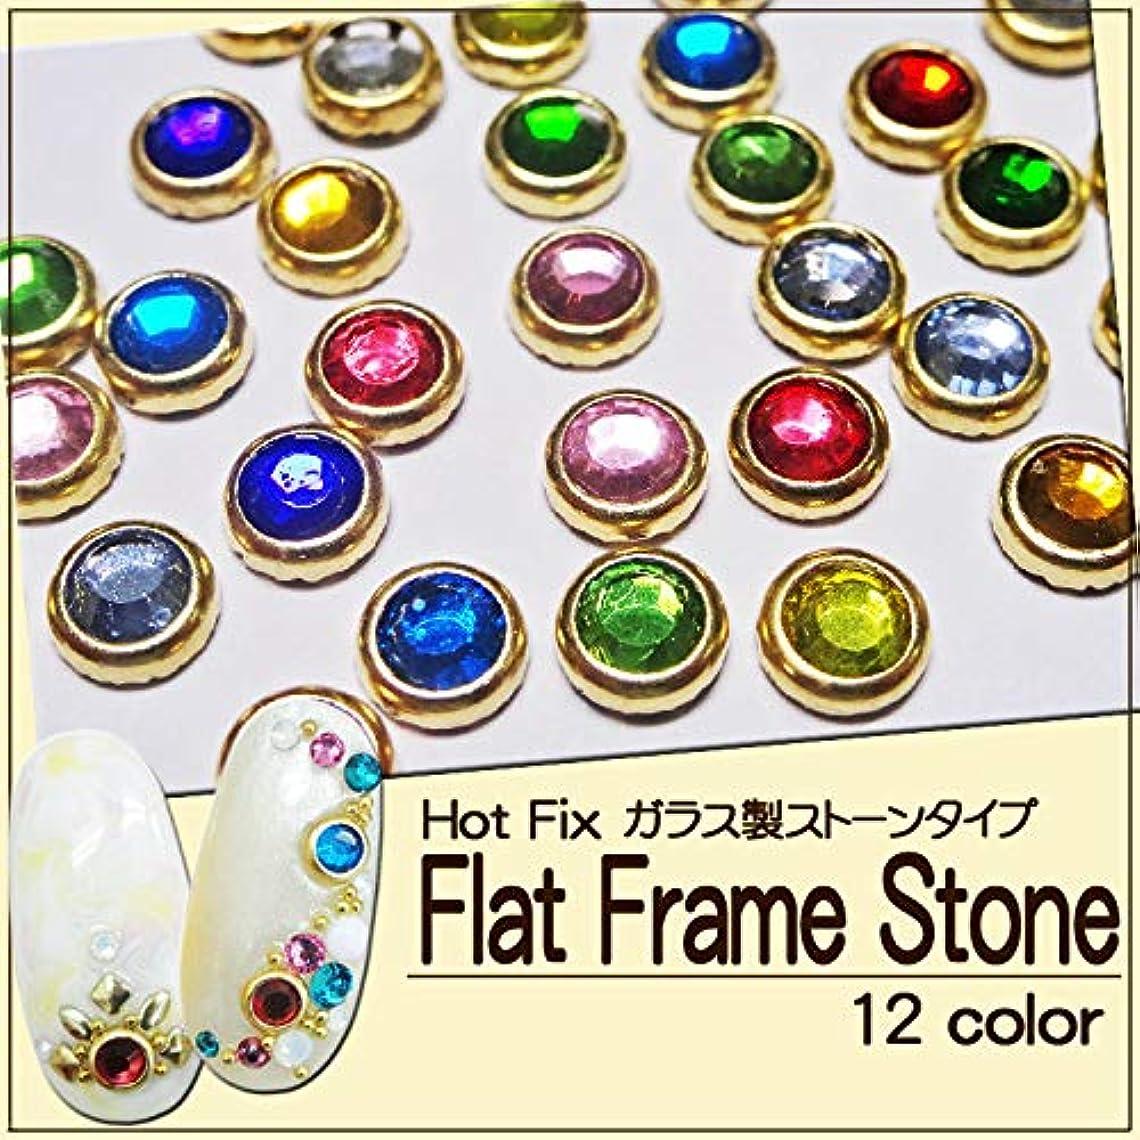 畝間インタビュー症状ホットフィックス アイロン フラットフレーム ガラス製ストーン 5個入り (4mm(5個入り), 10.トパーズ)